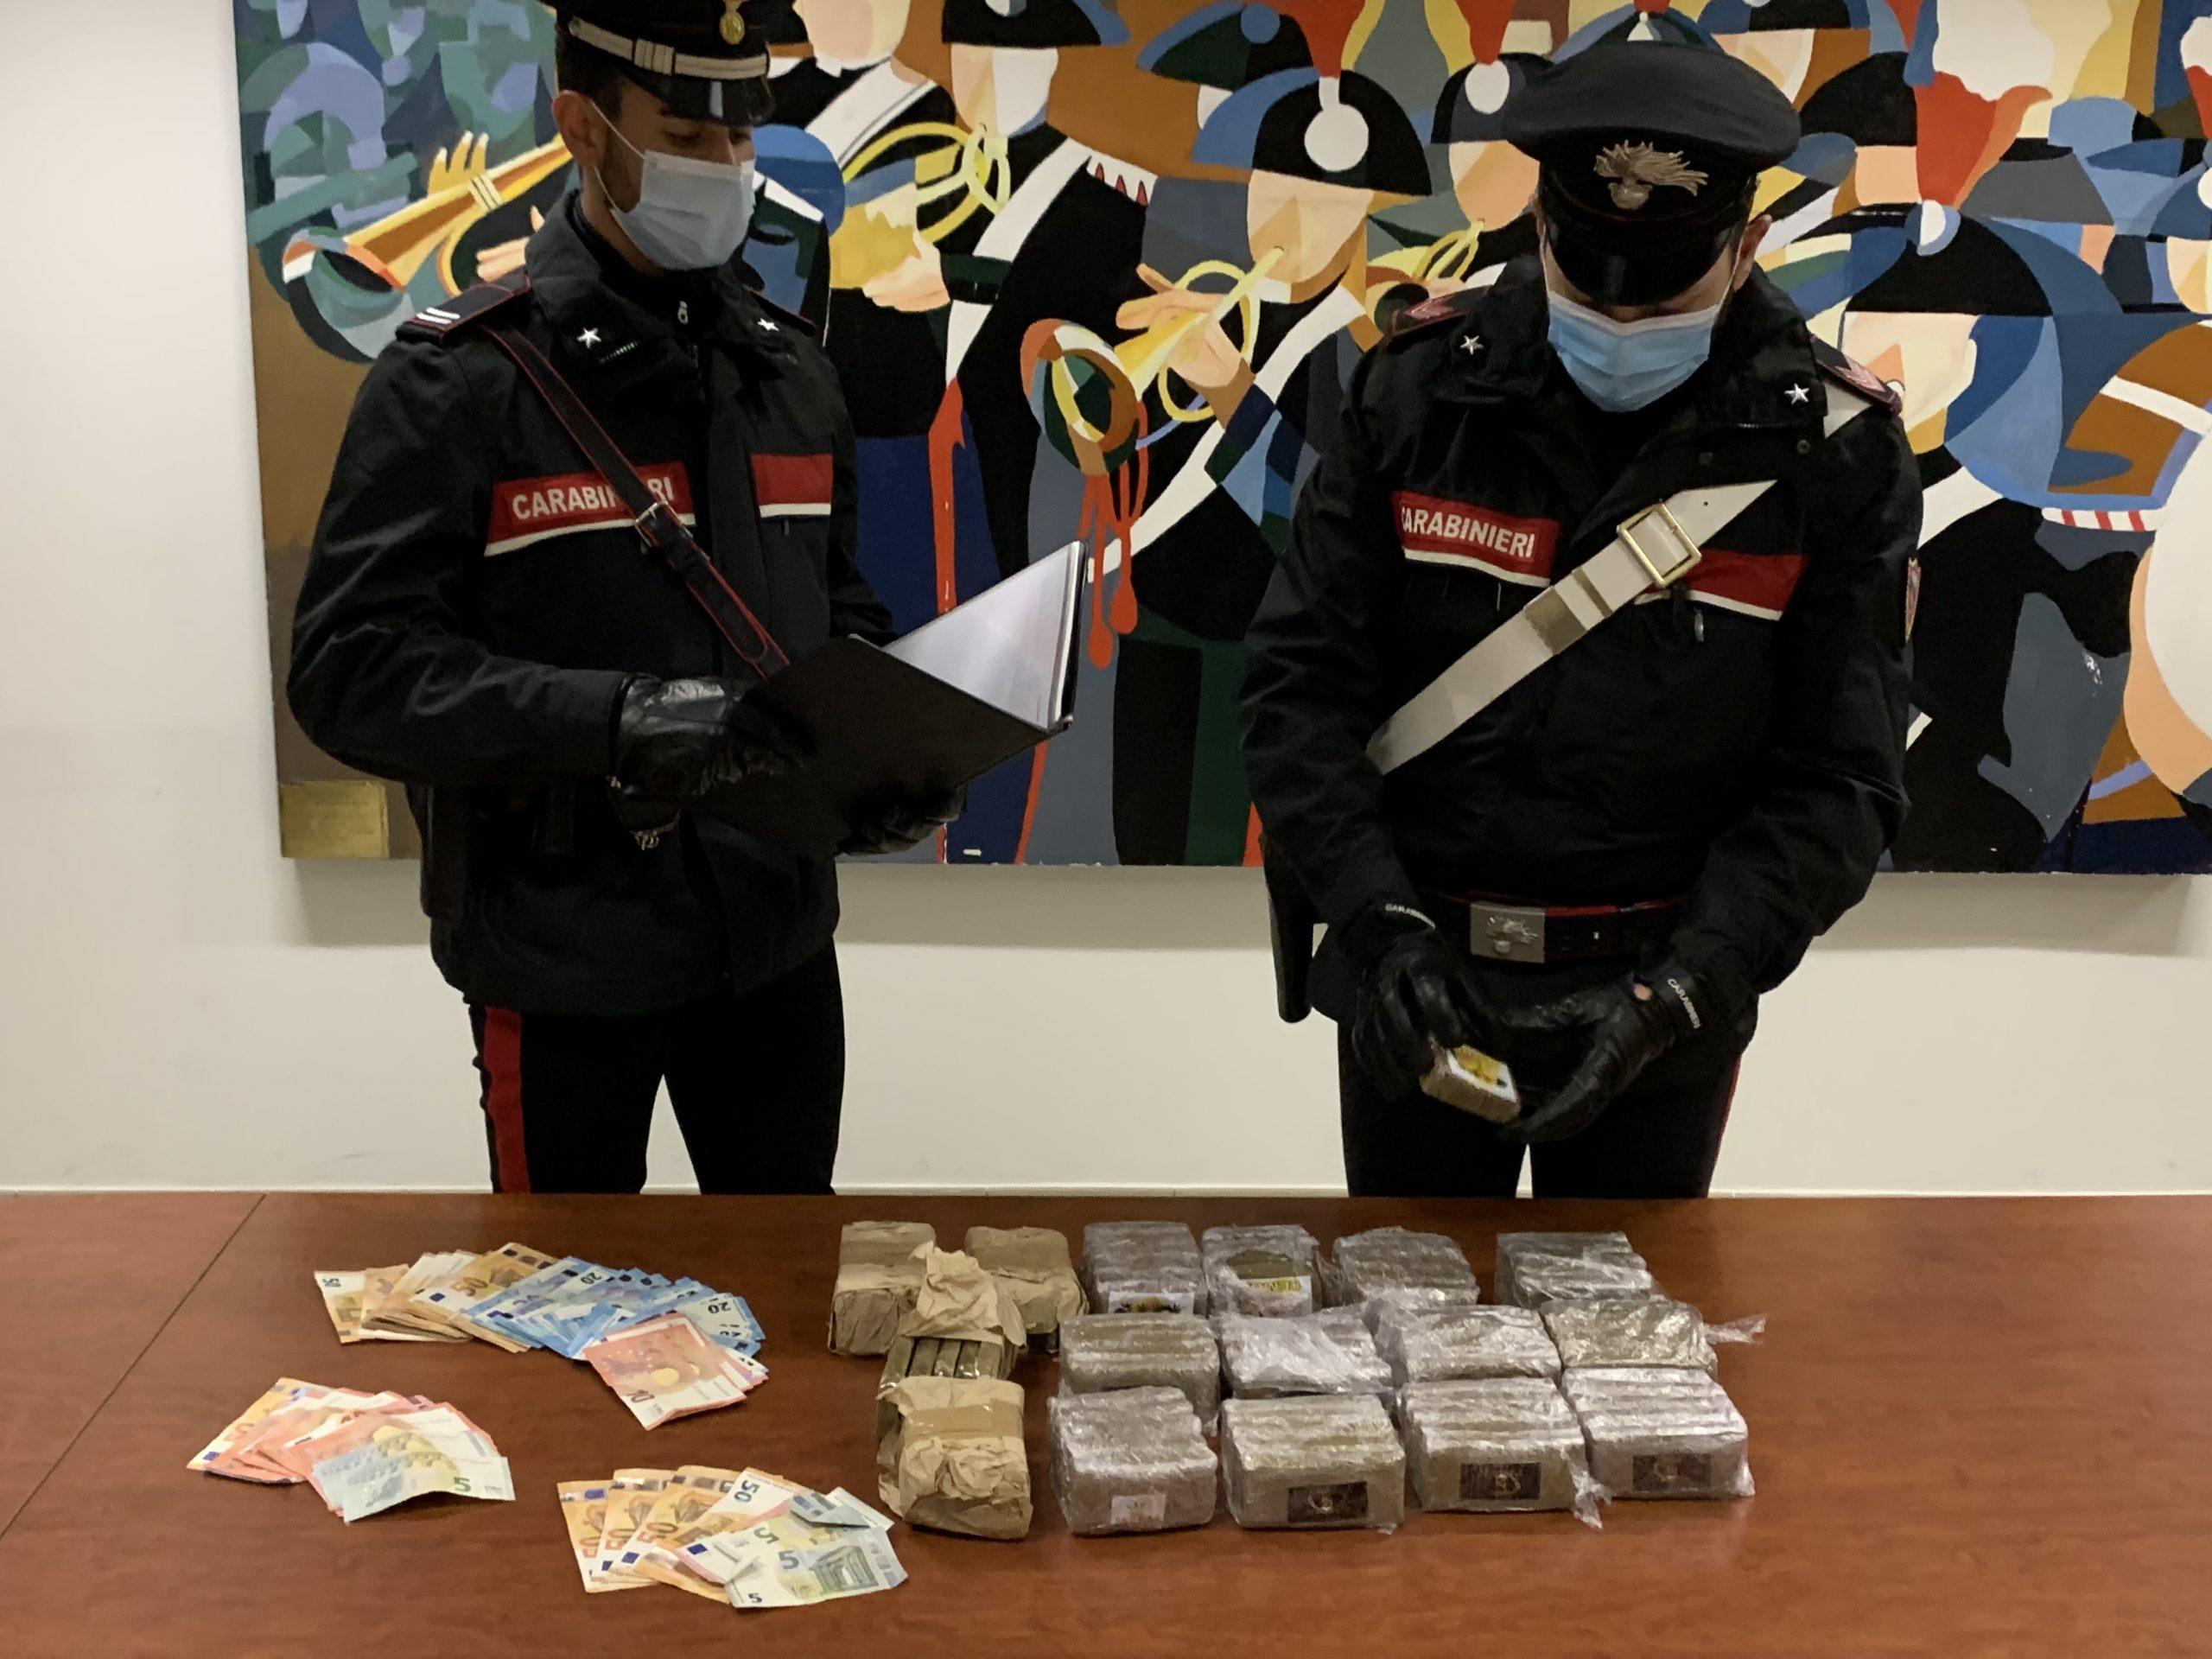 Il sequestro operato dai carabinieri di aprilia il 25 febbraio 2021